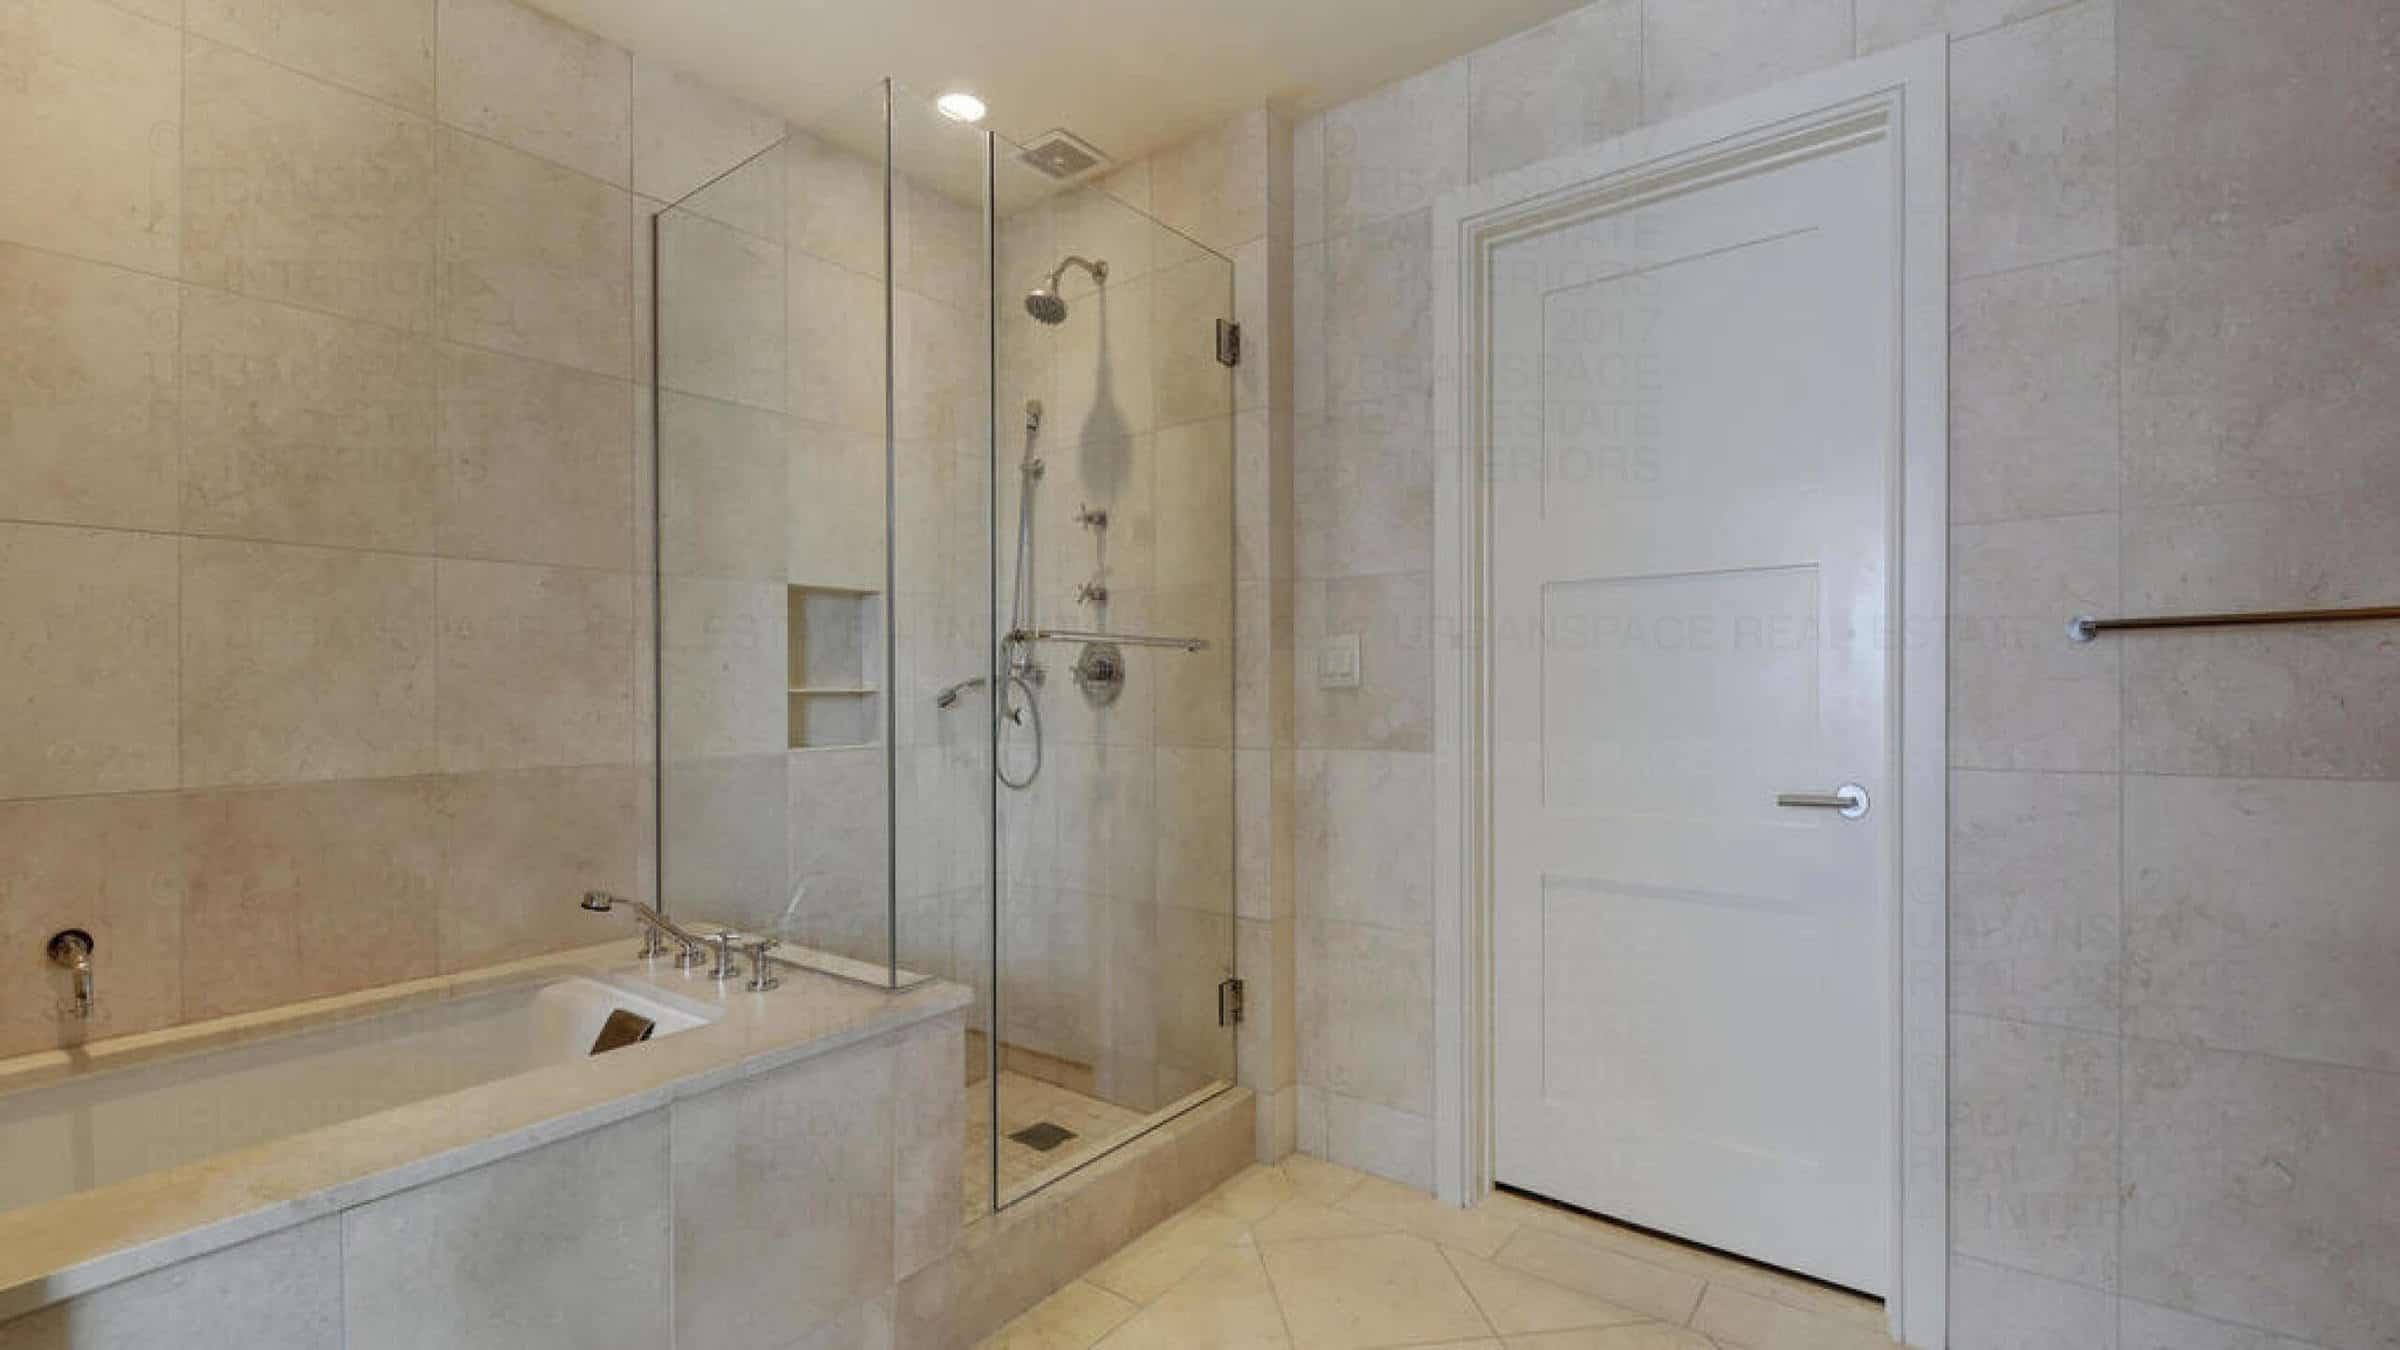 Four Seasons Residences - Austin Downtown Luxury Condos